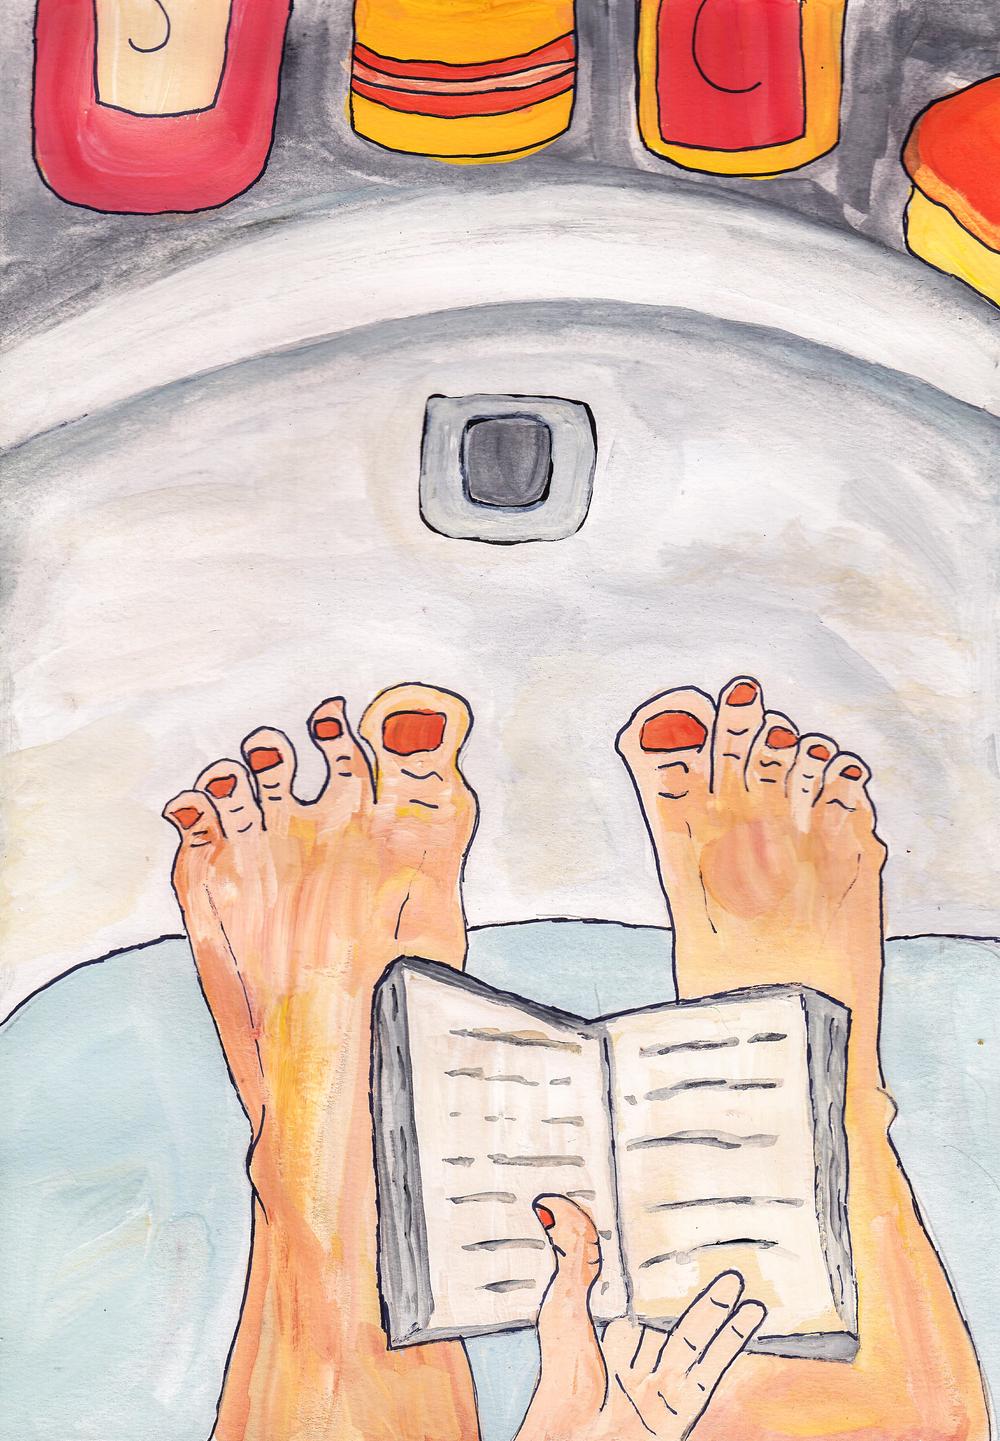 reading in tub sarah natsumi moore